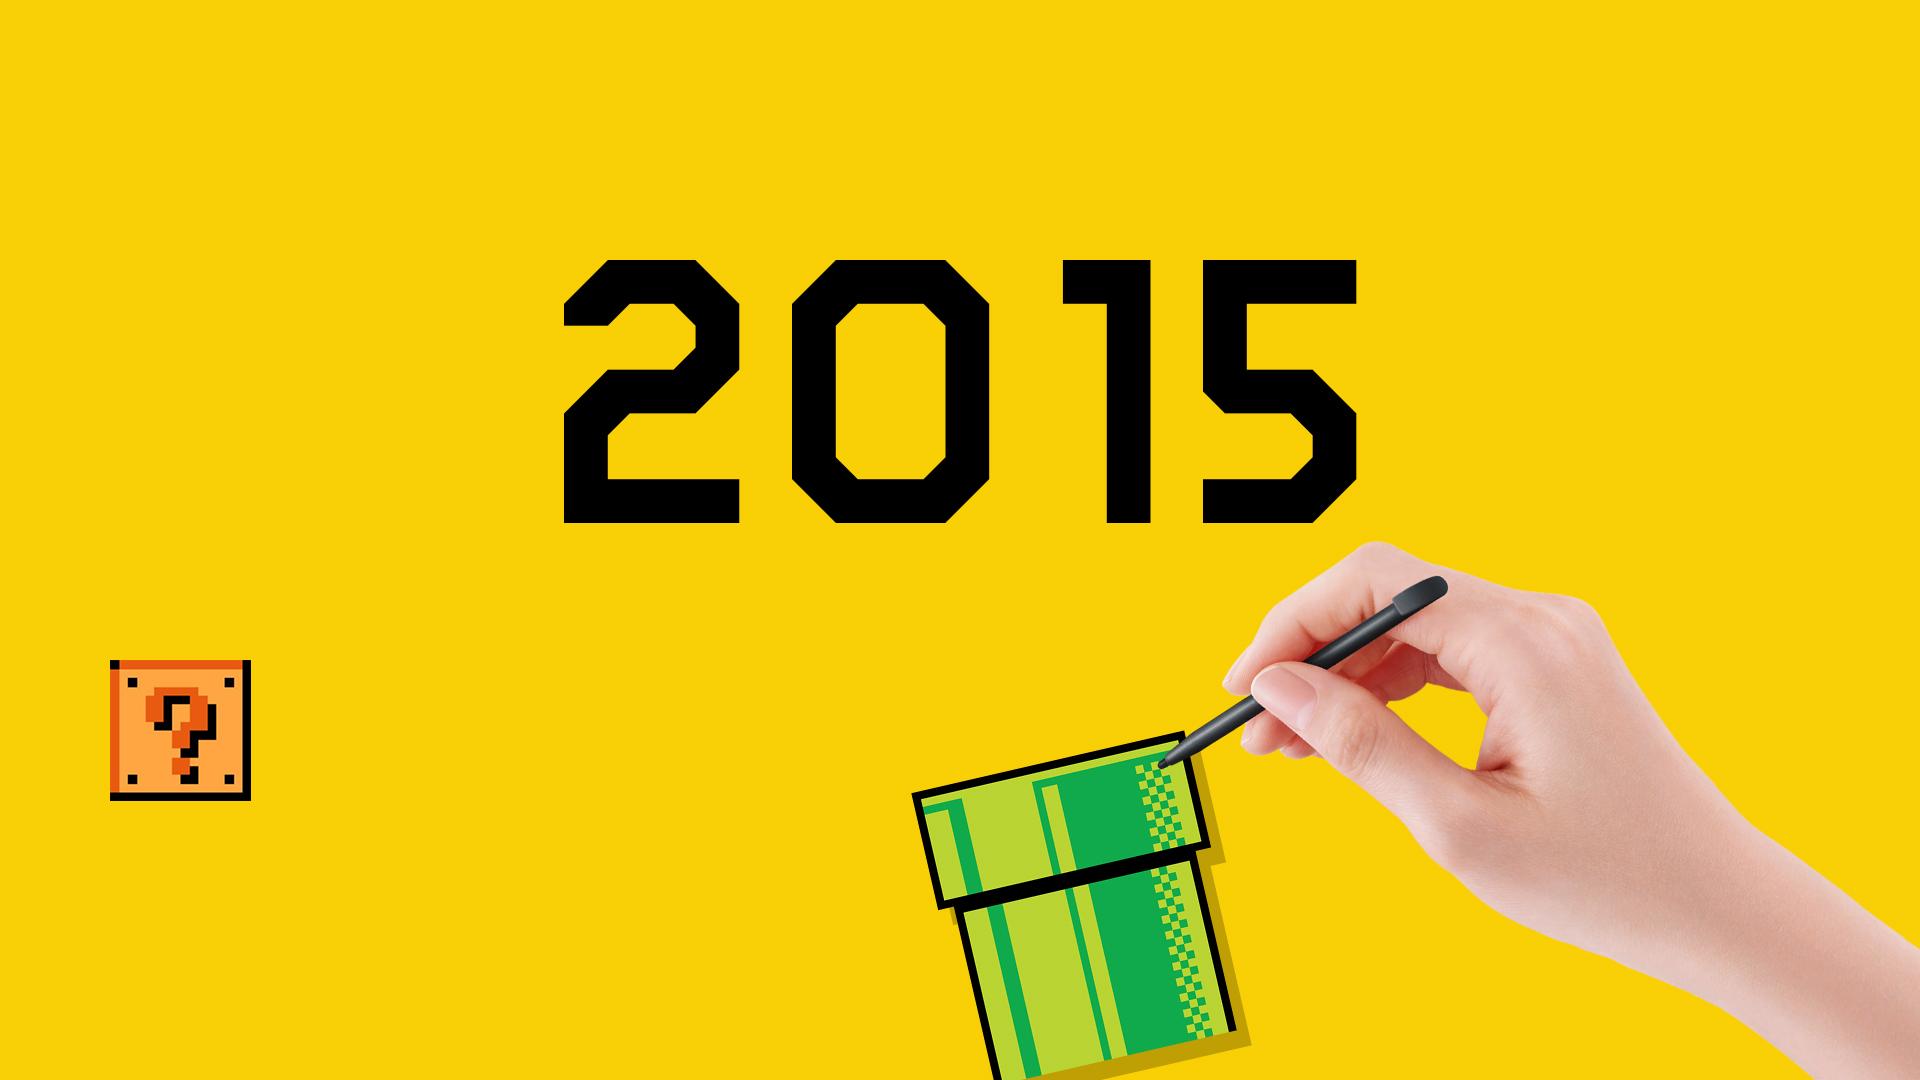 2015 Super Mario Maker.jpg